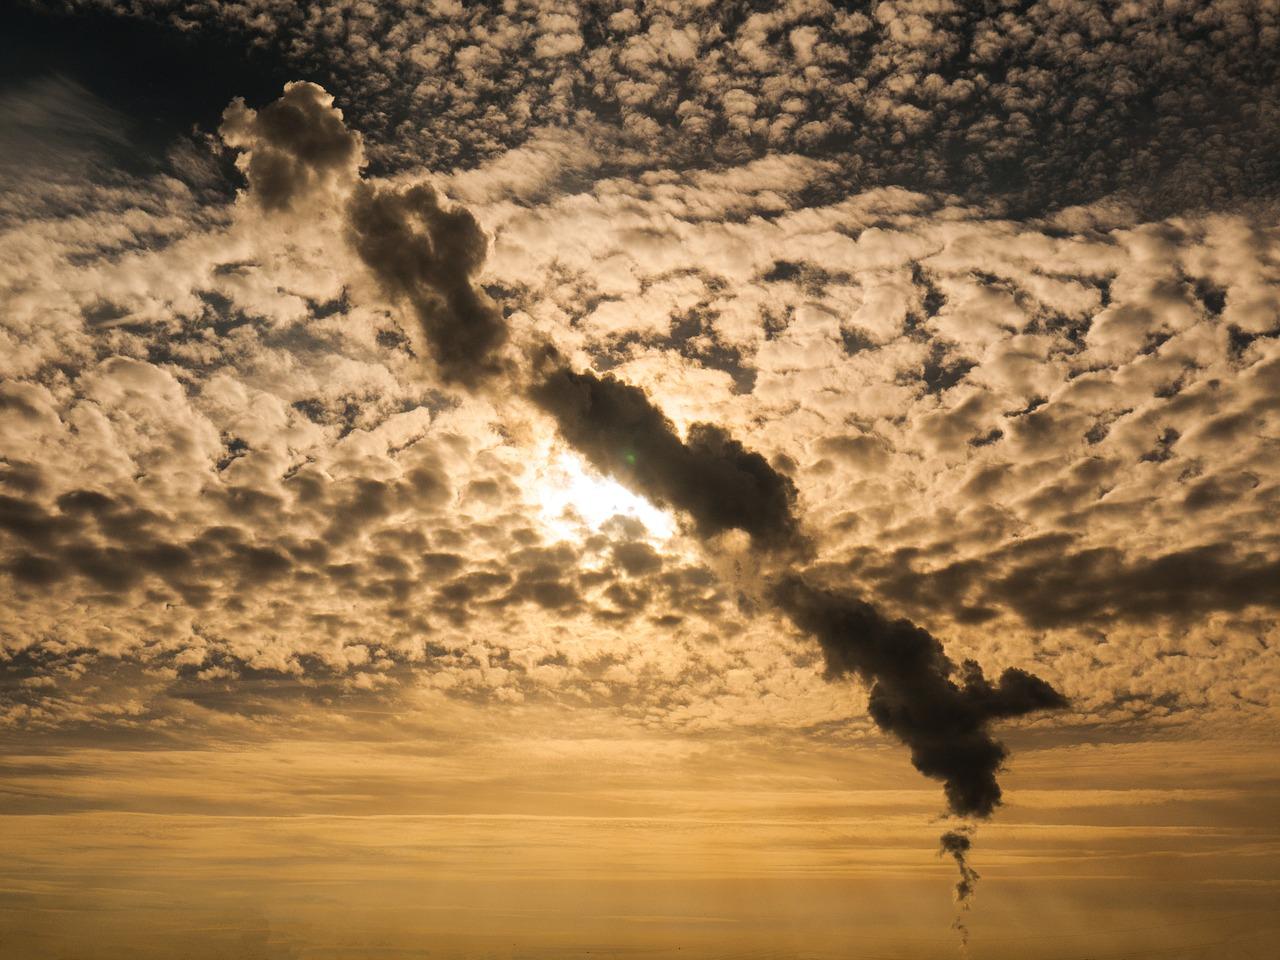 renouvelables sante publique pollution - L'Energeek.